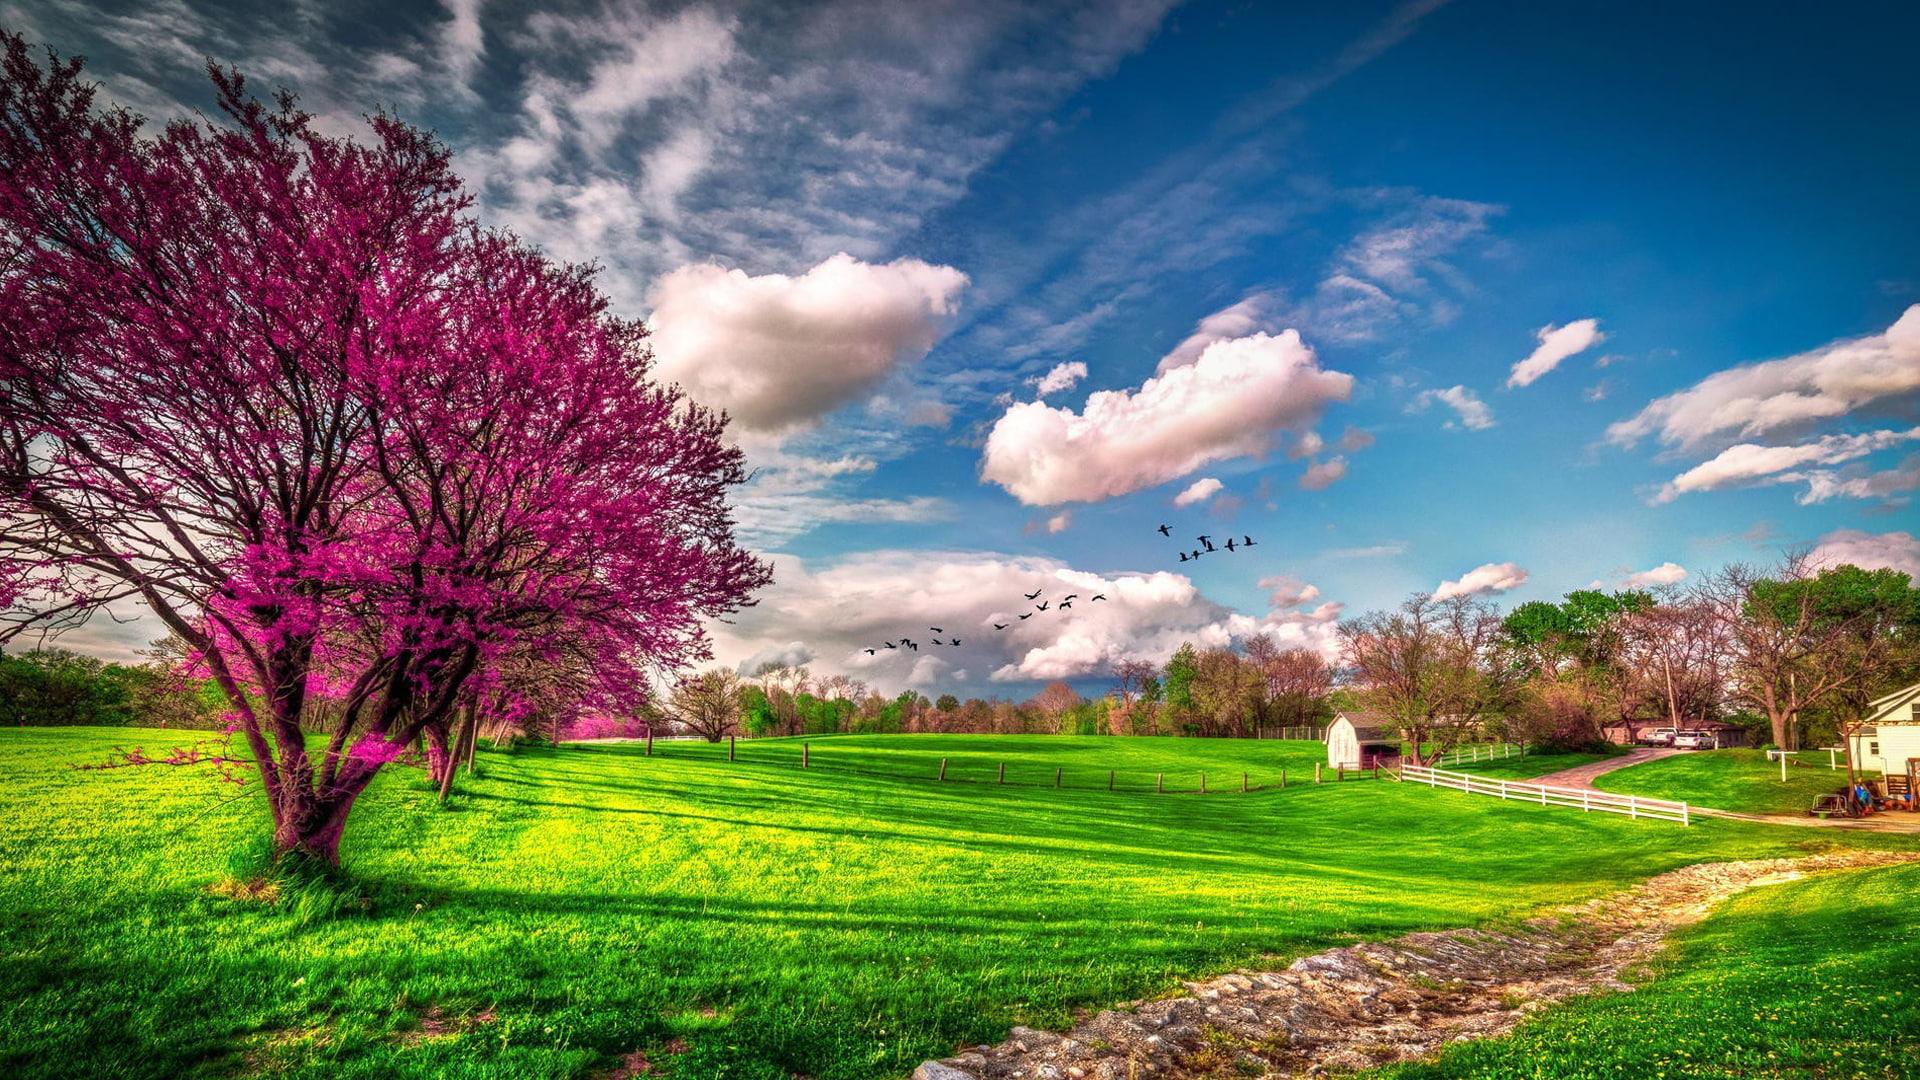 Arbol Naturaleza Paisajes Prado Primavera Windows 10